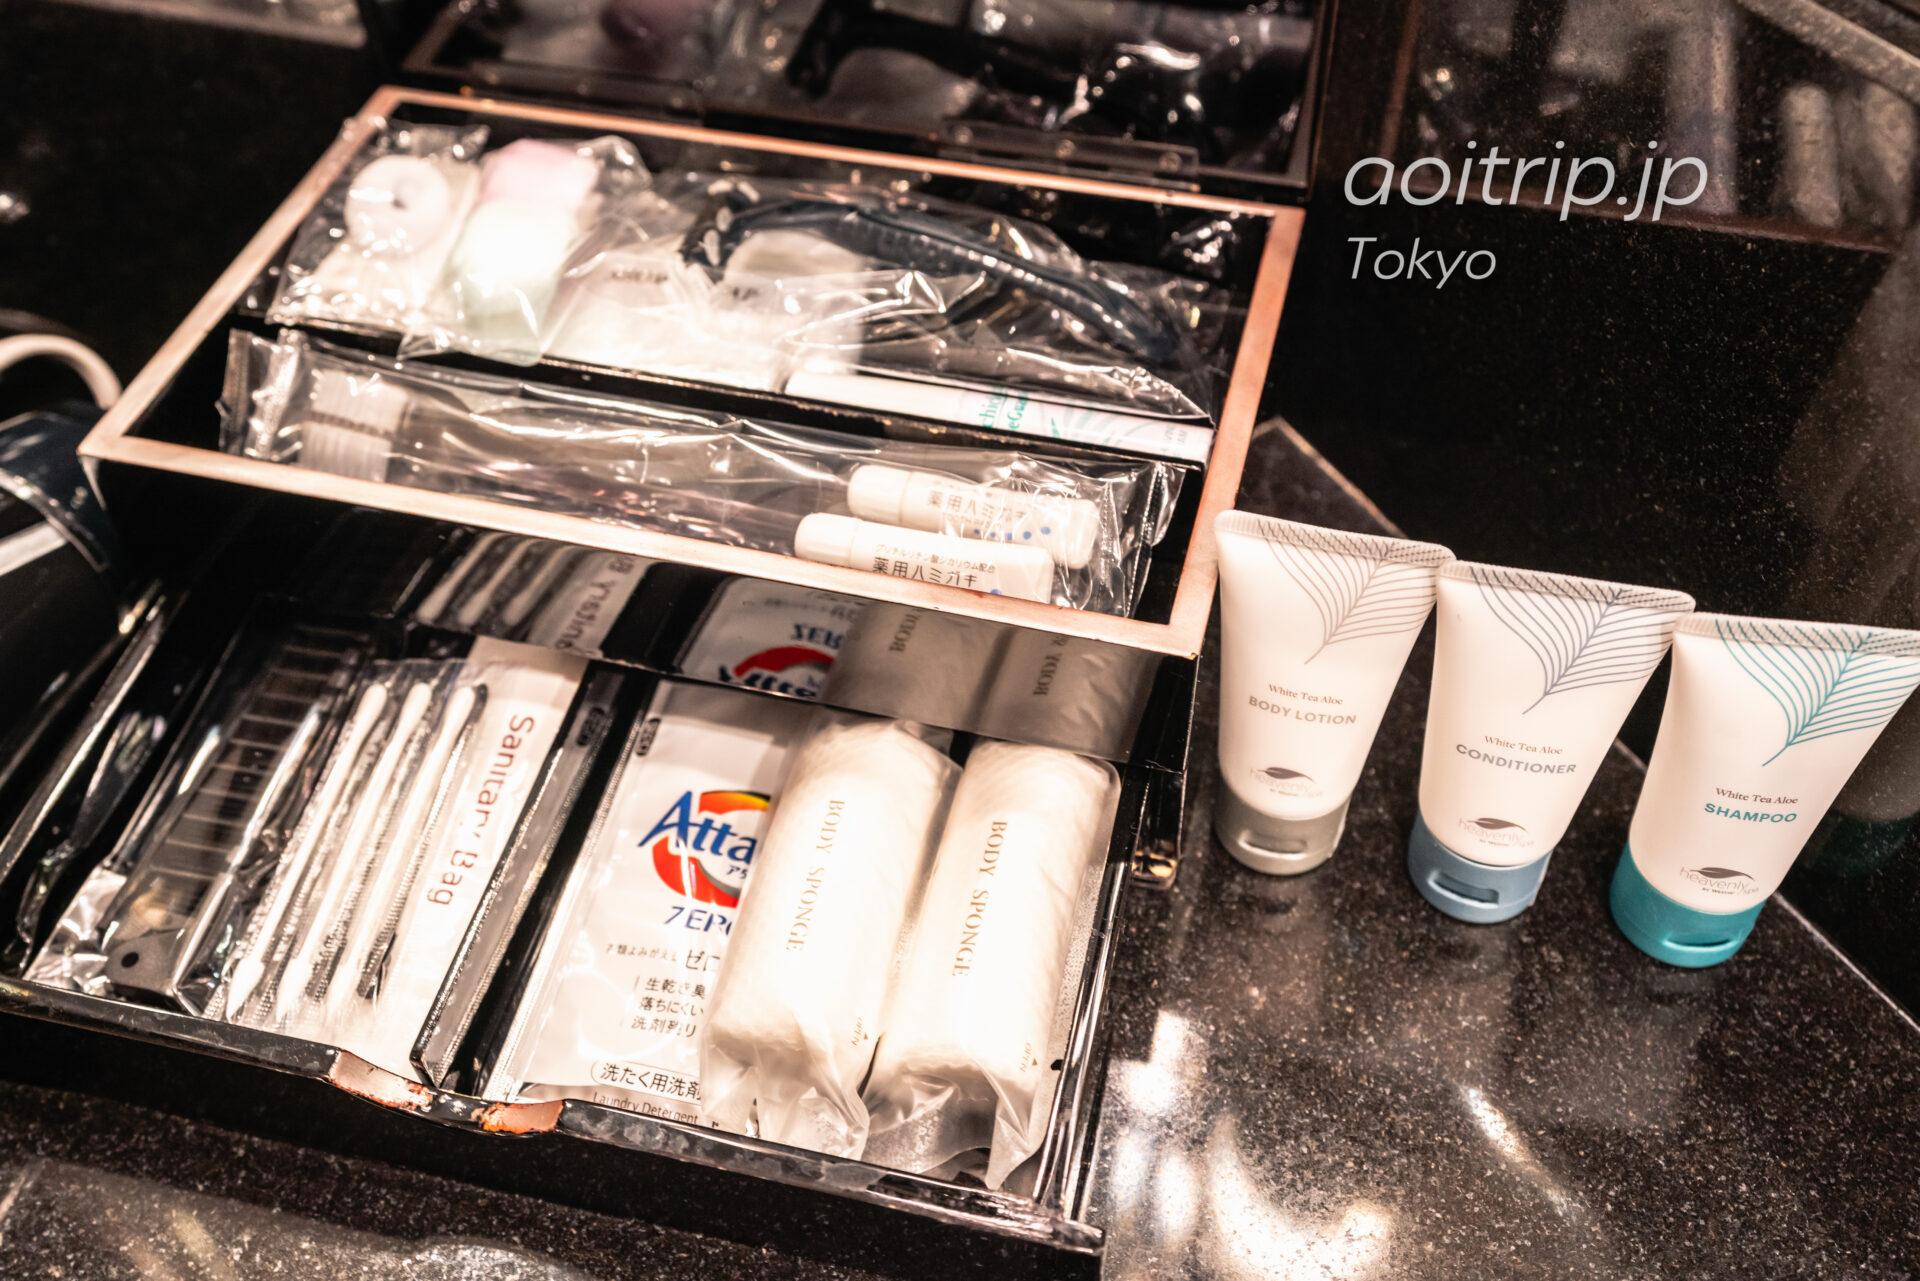 ウェスティン東京 デラックススイート ダブルベッド2台, クラブラウンジ, 東京タワービュー Deluxe Suite 2 Double, Club lounge access, 1 Bedroom Suite, Tokyo Tower view アメニティ